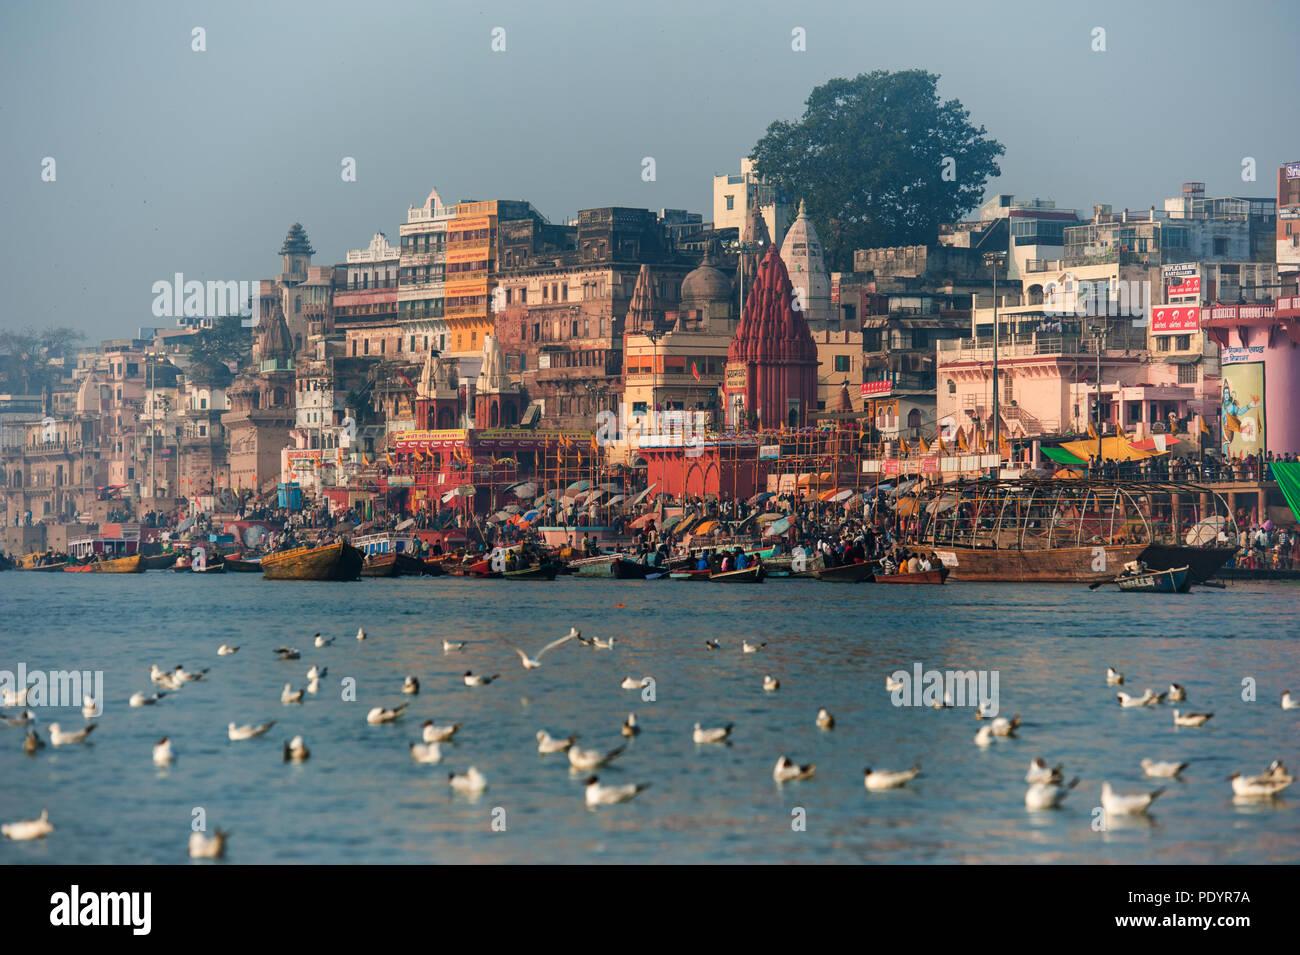 Paisaje desde el río Ganga ciudad santa de Varanasi, Uttar Pradesh, India Imagen De Stock